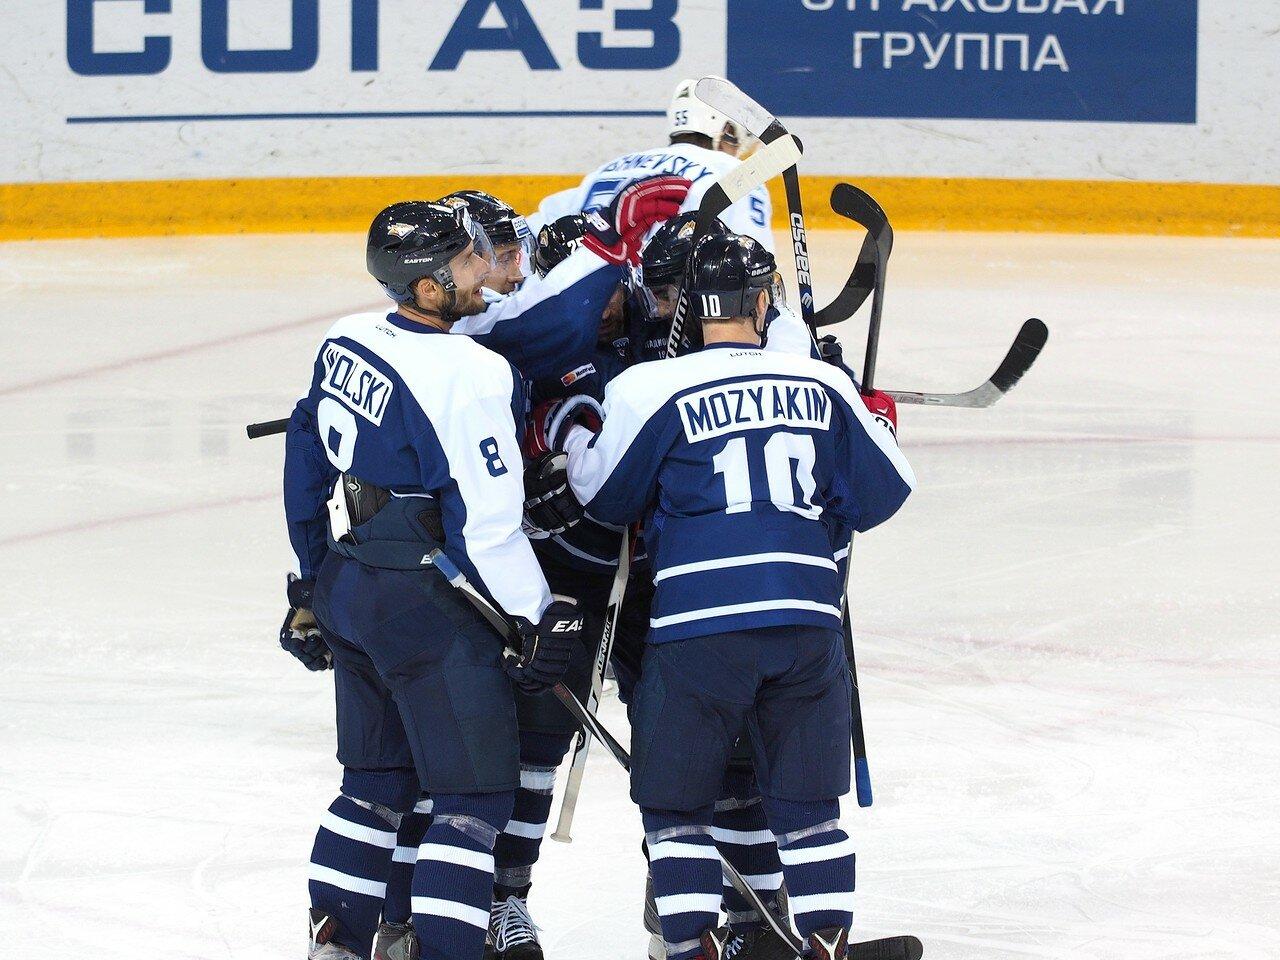 97Металлург - Динамо Москва 28.12.2015